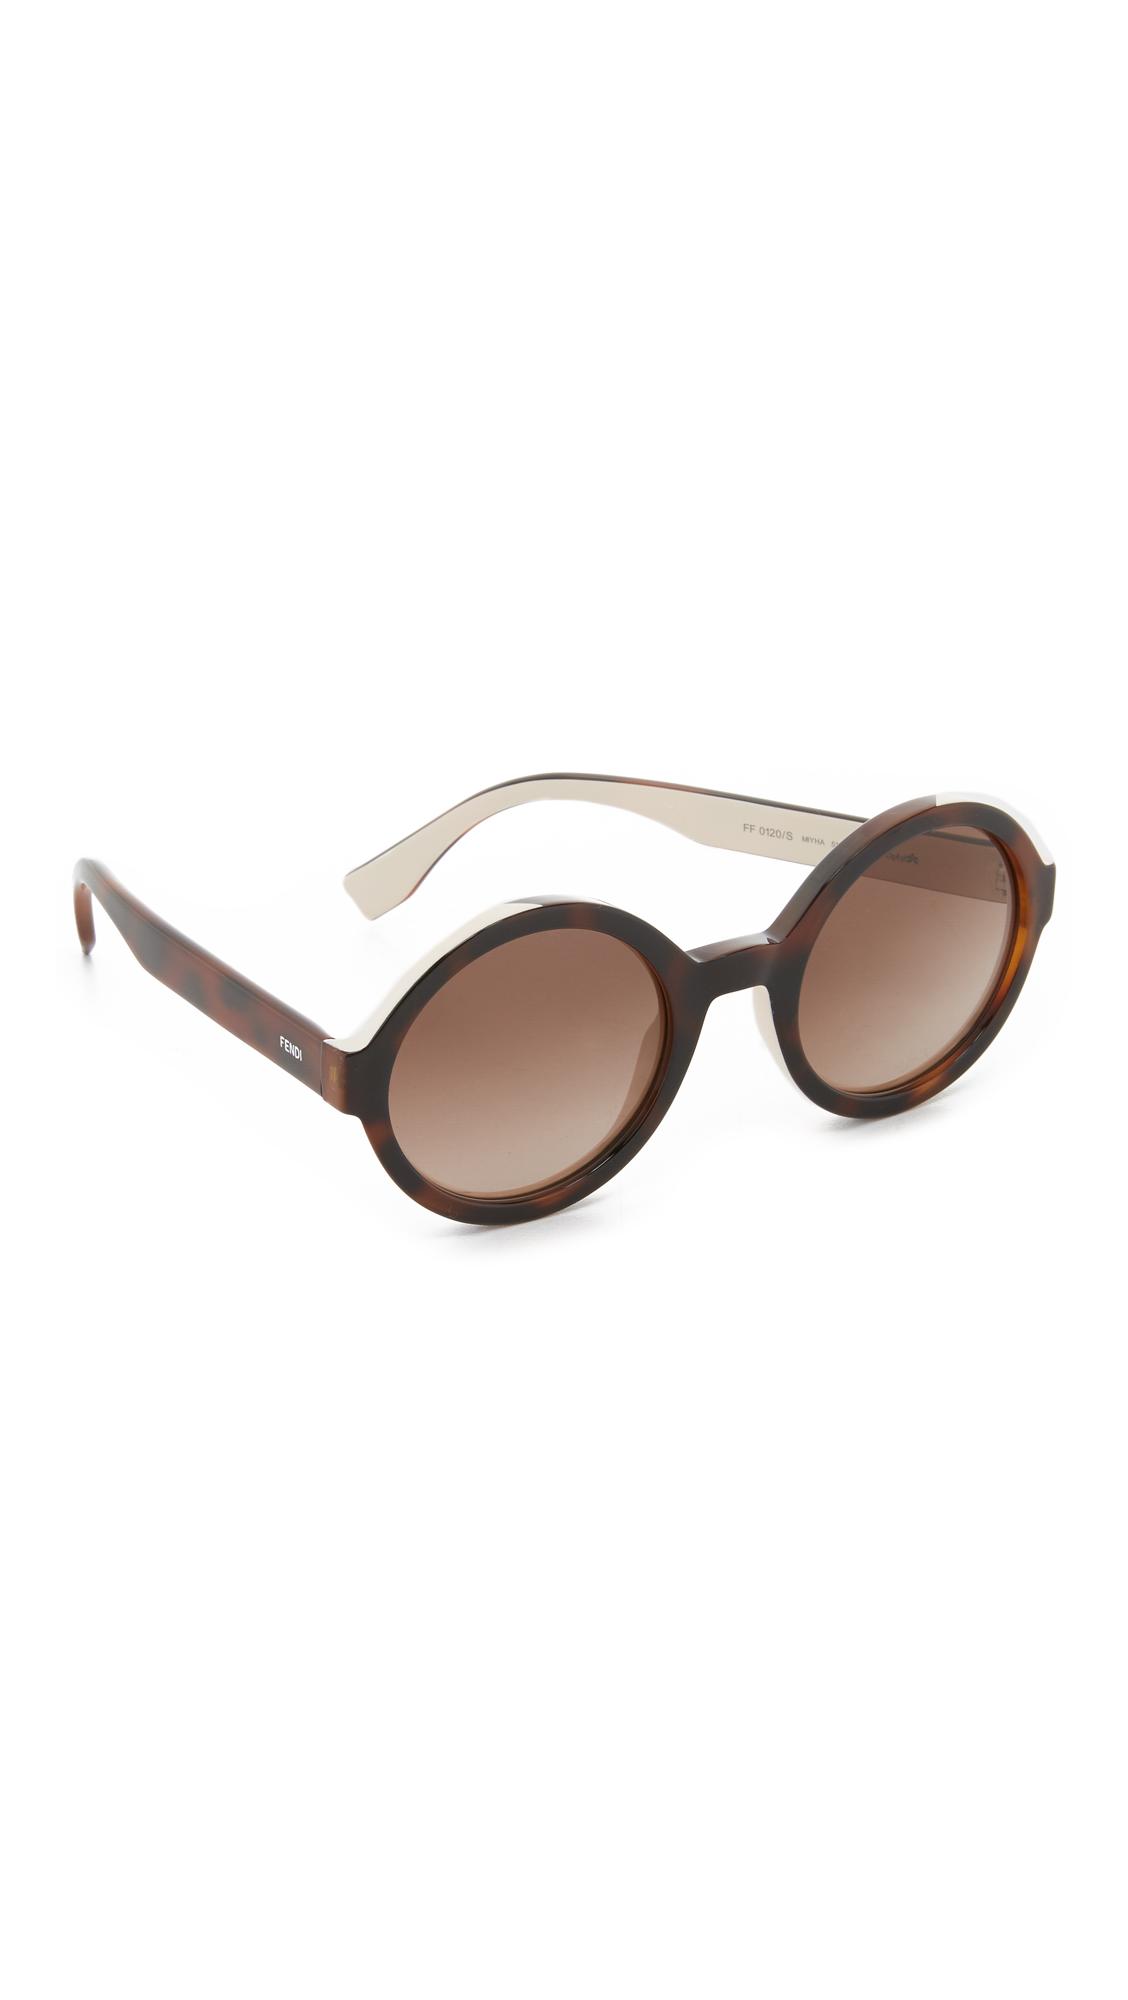 228fbb52435 Fendi Color Flash Round Sunglasses